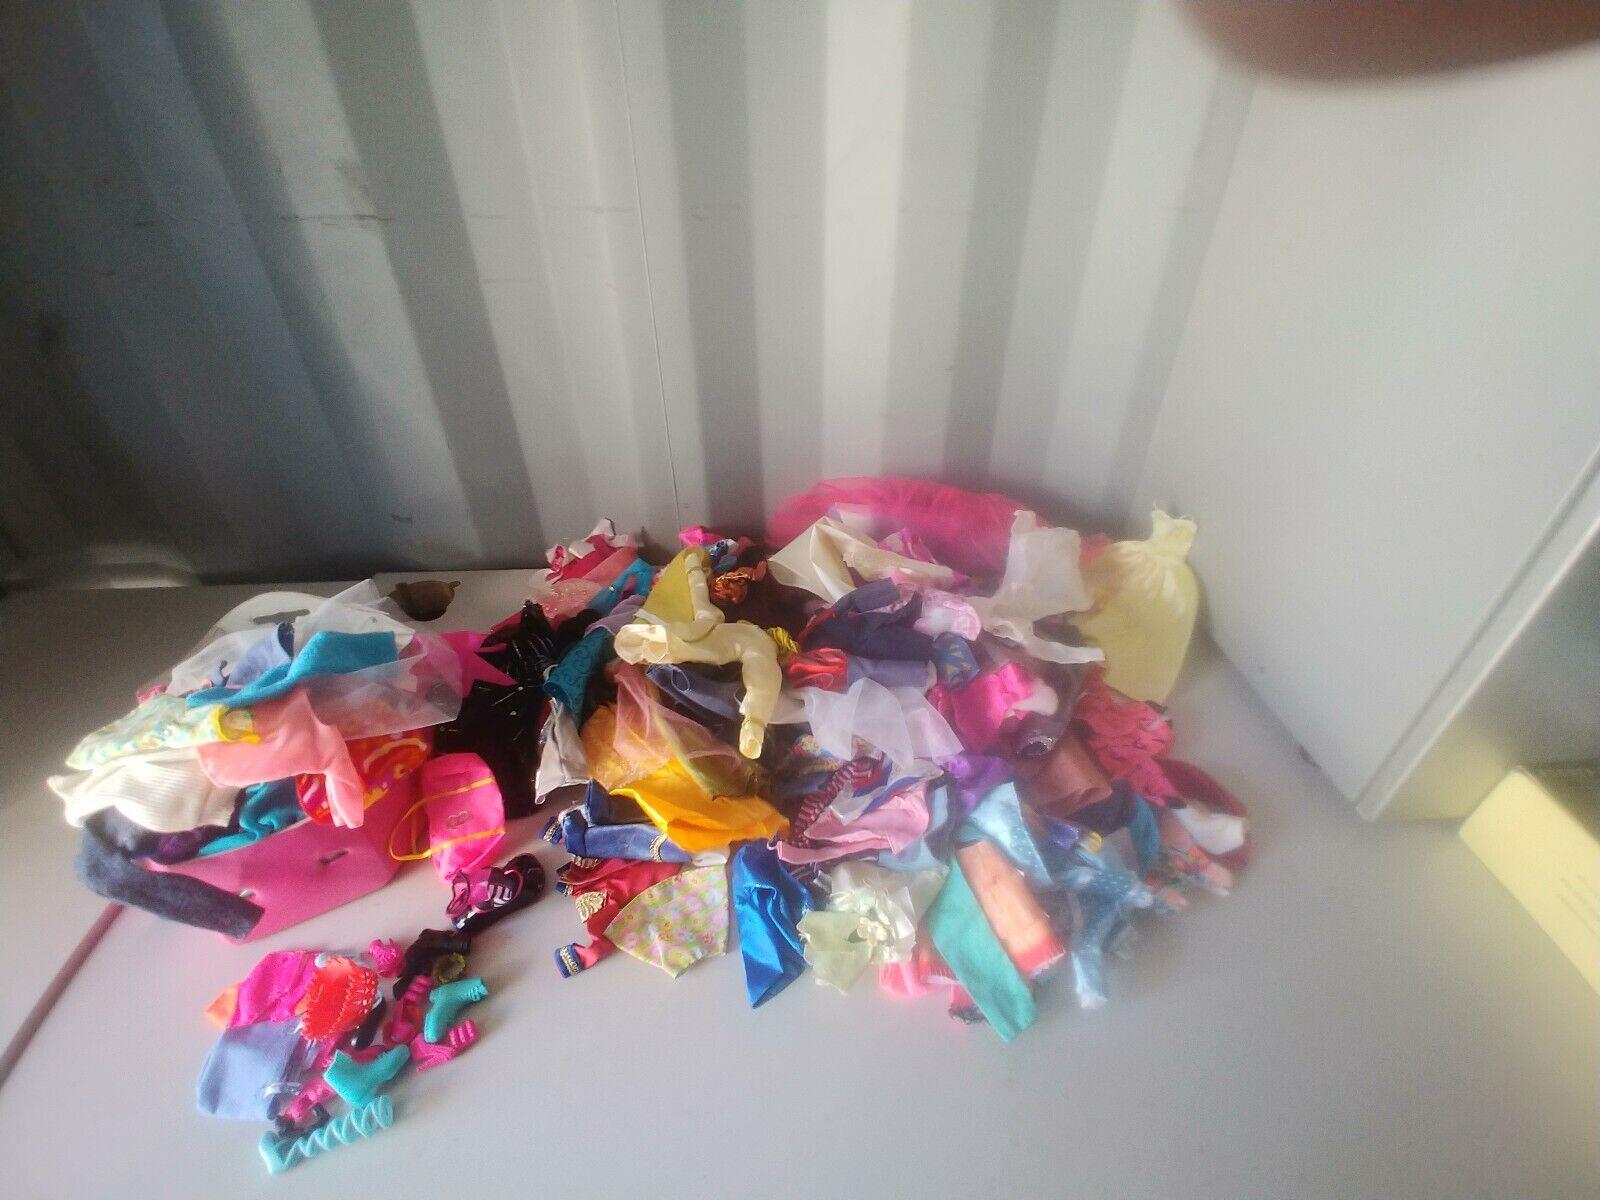 Enorme Lote de ropa de muñeca, zapatos y accesorios se adapta a 140 Plus